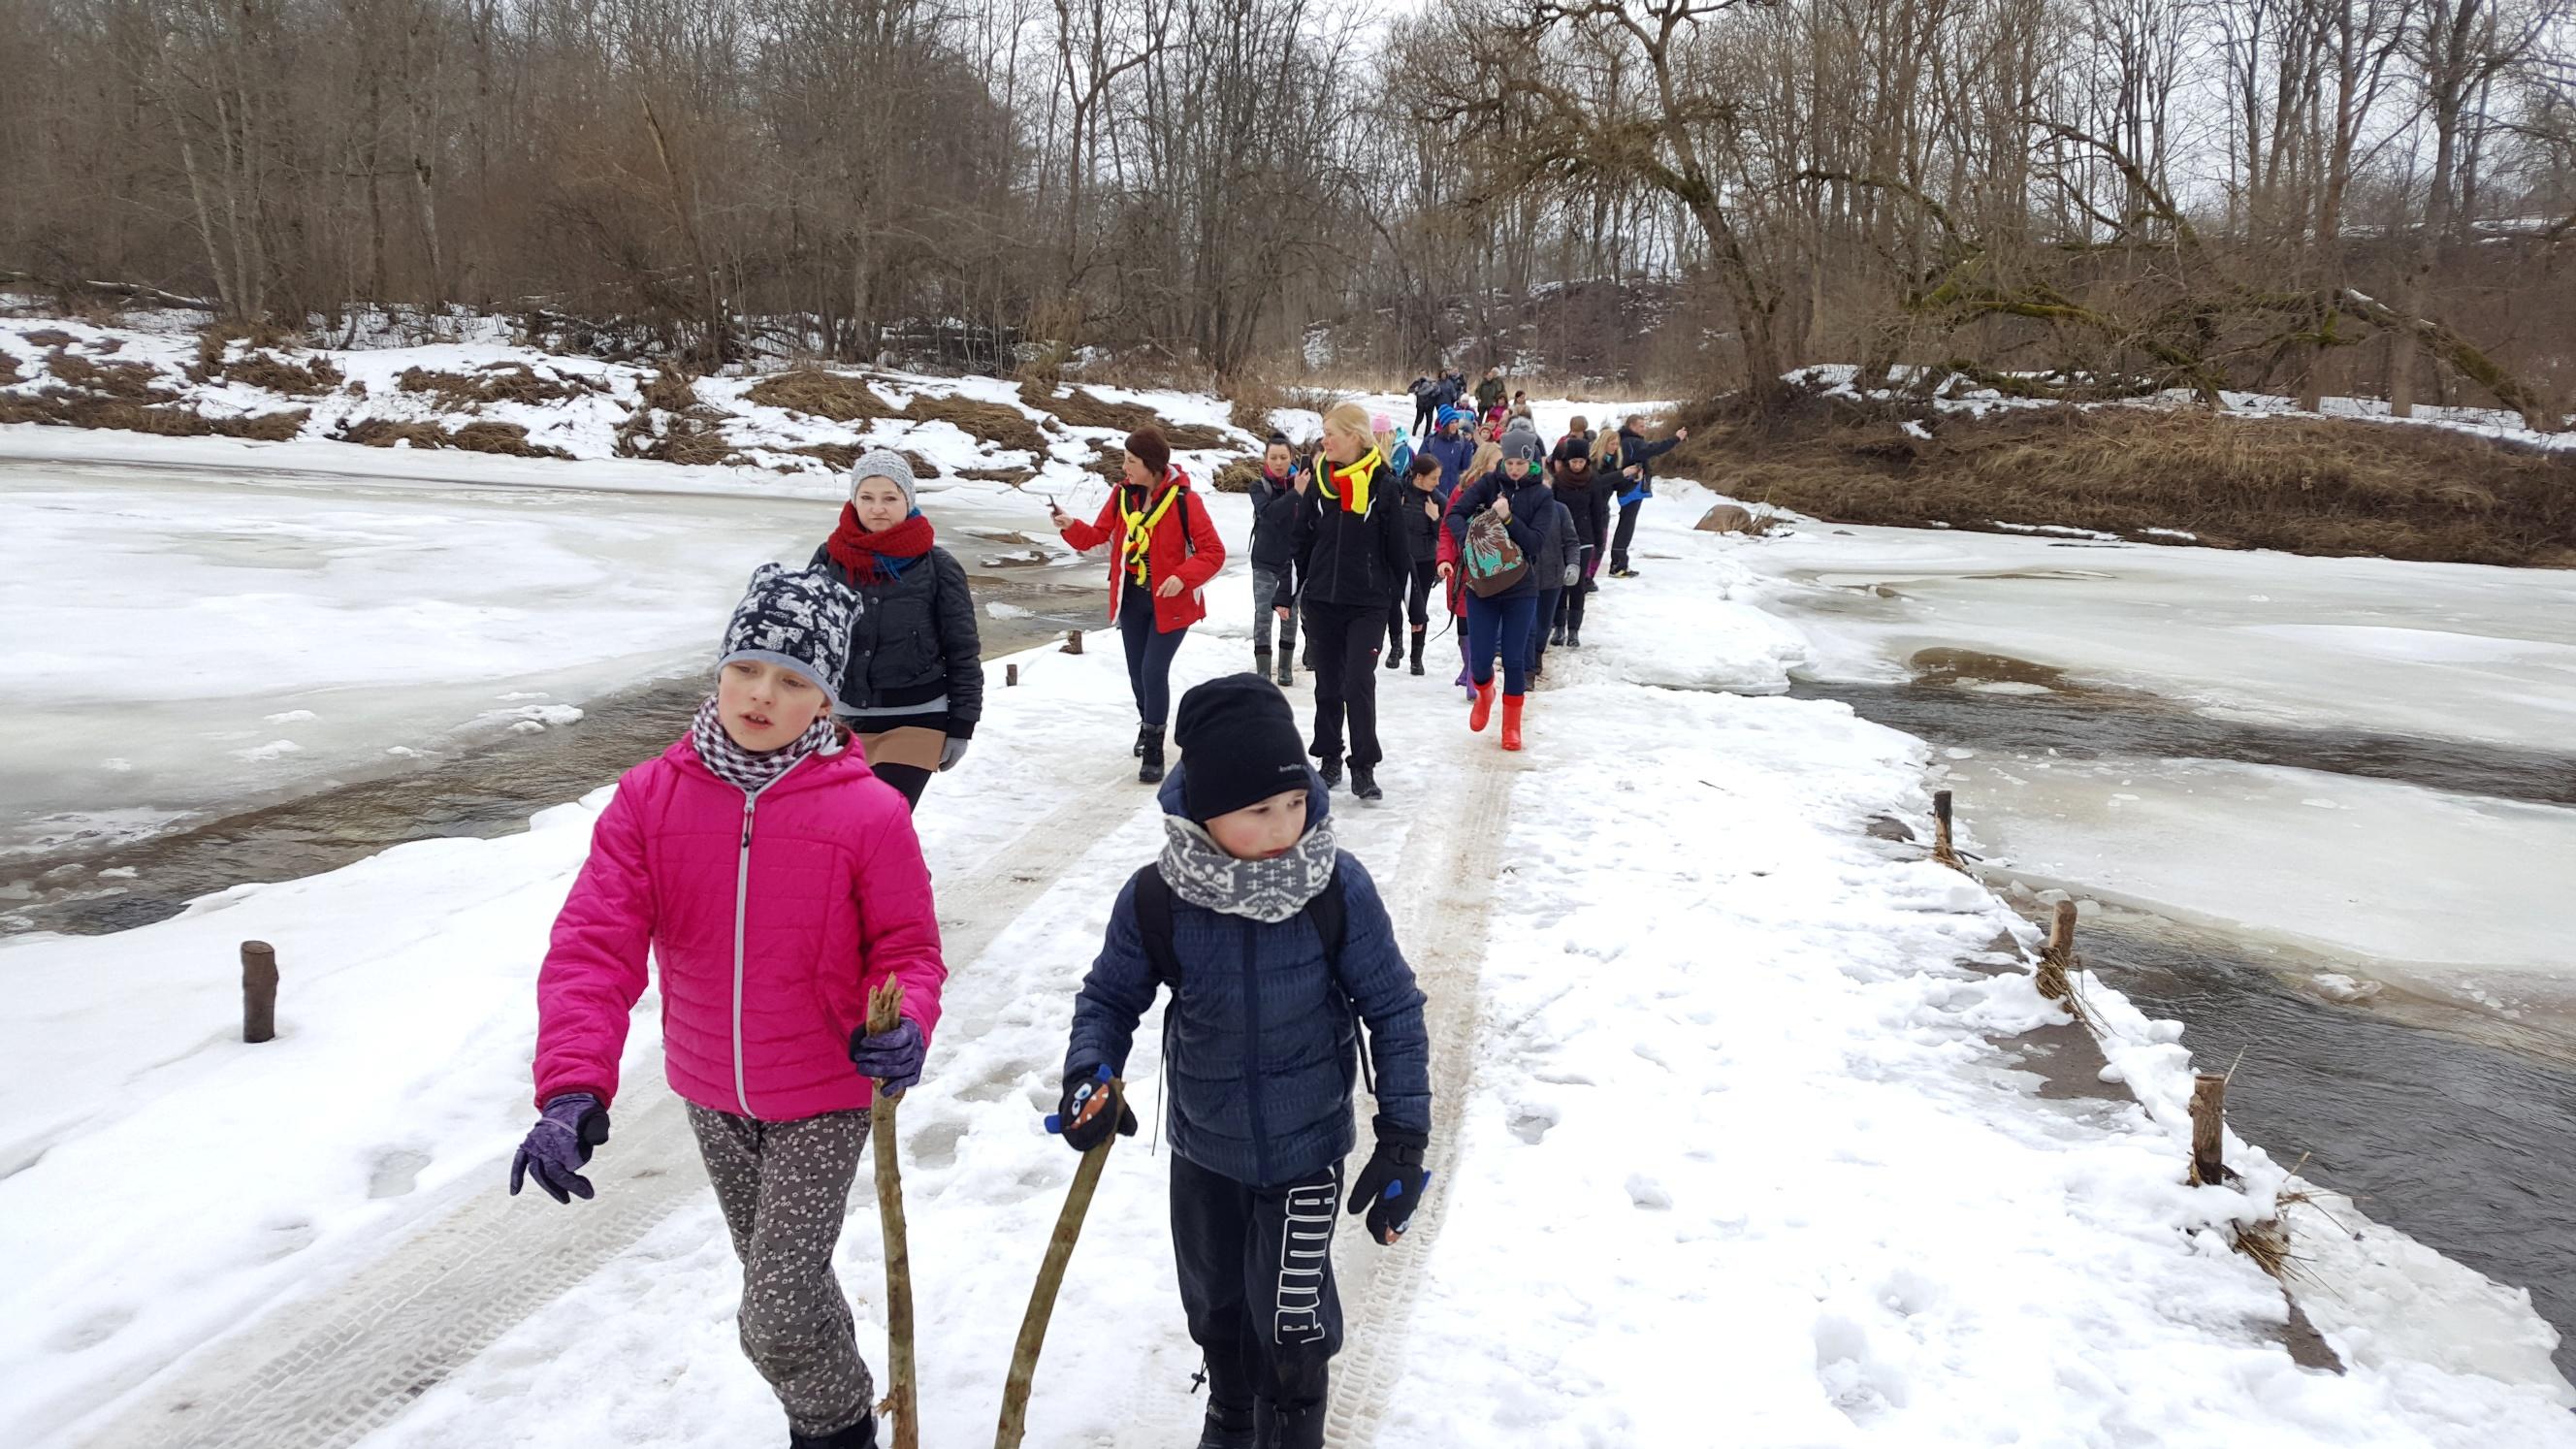 Pagramančio regioniniame parke – moterų žygis pėsčiomis | L. Misiulytės nuotr.